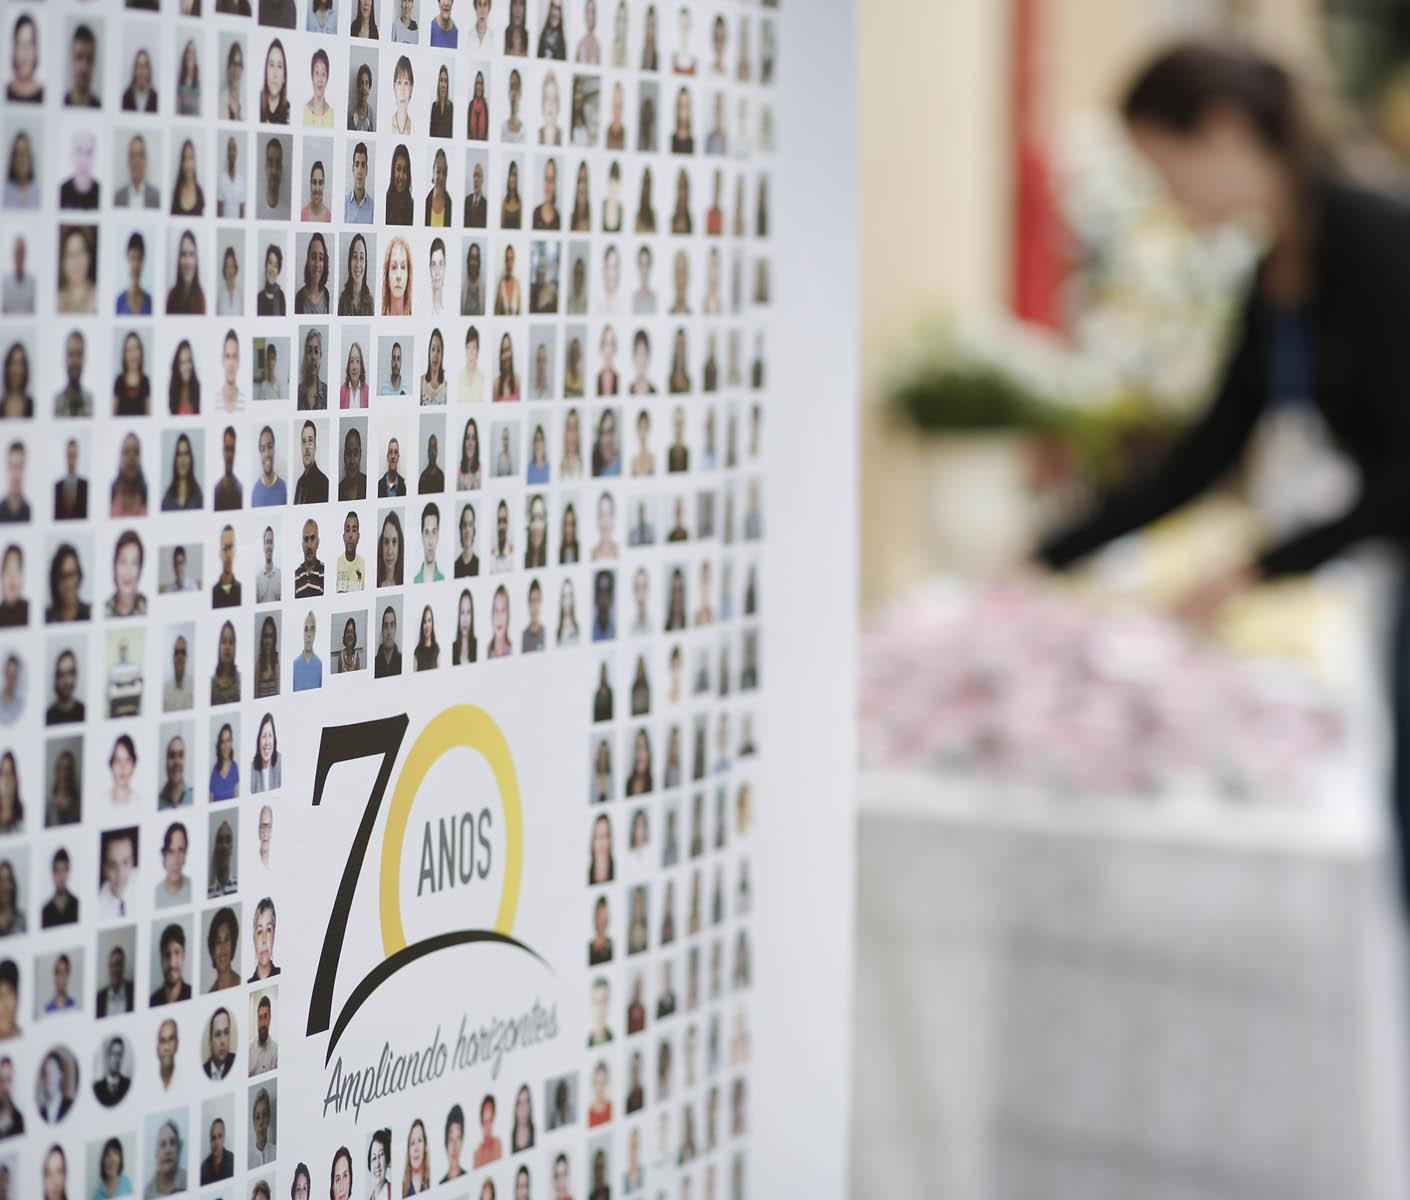 Descrição de imagem: fotografia colorida em que é possível ver um painel com várias fotos de rostos de pessoas e ao centro o logo dos 70 anos da Fundação Dorina. Ao fundo, bem desfocada, a silhueta de uma mulher. Fim da descrição.